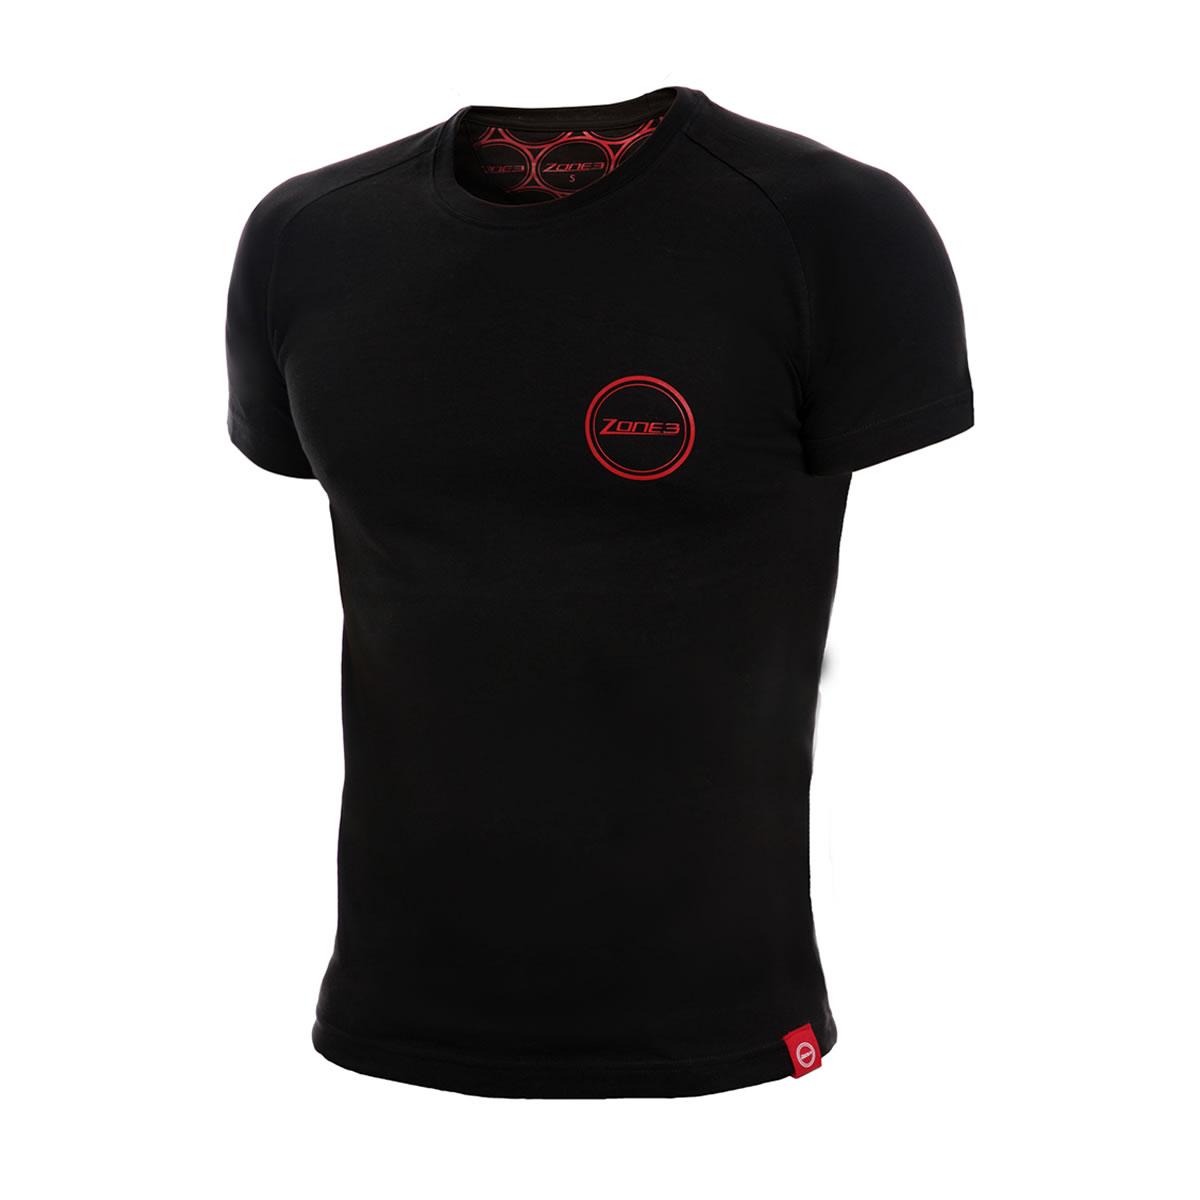 Marled Cotton SS T-Shirt Herren - Zone3 - schwarz/rot